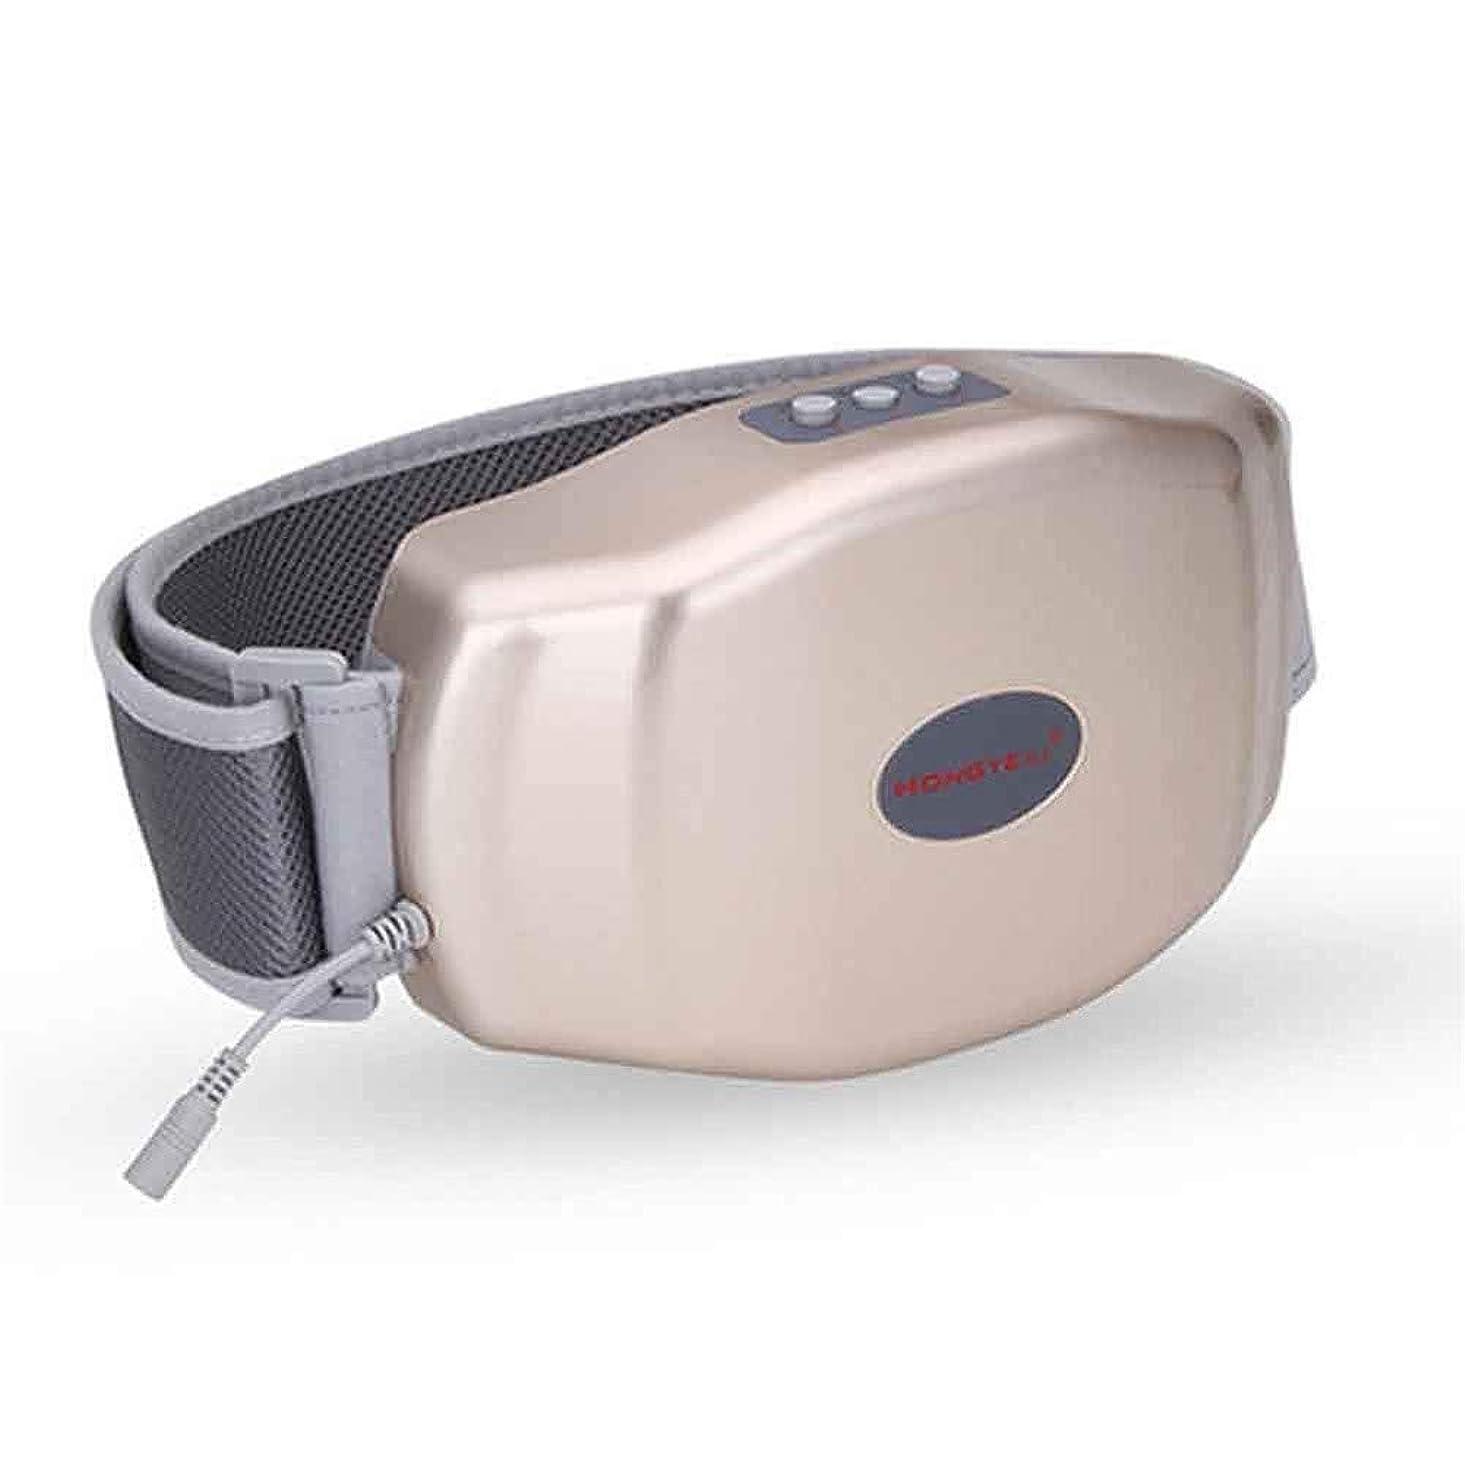 習熟度精神的に王朝マッサージベルト 腹筋ベルト 振動 暖房 胃腸運動を促進する 鼓腸の便秘を和らげる 腹部理学療法 ベルトダイエットベルト トレーニング 腹巻き 巻くだけ 引き締め